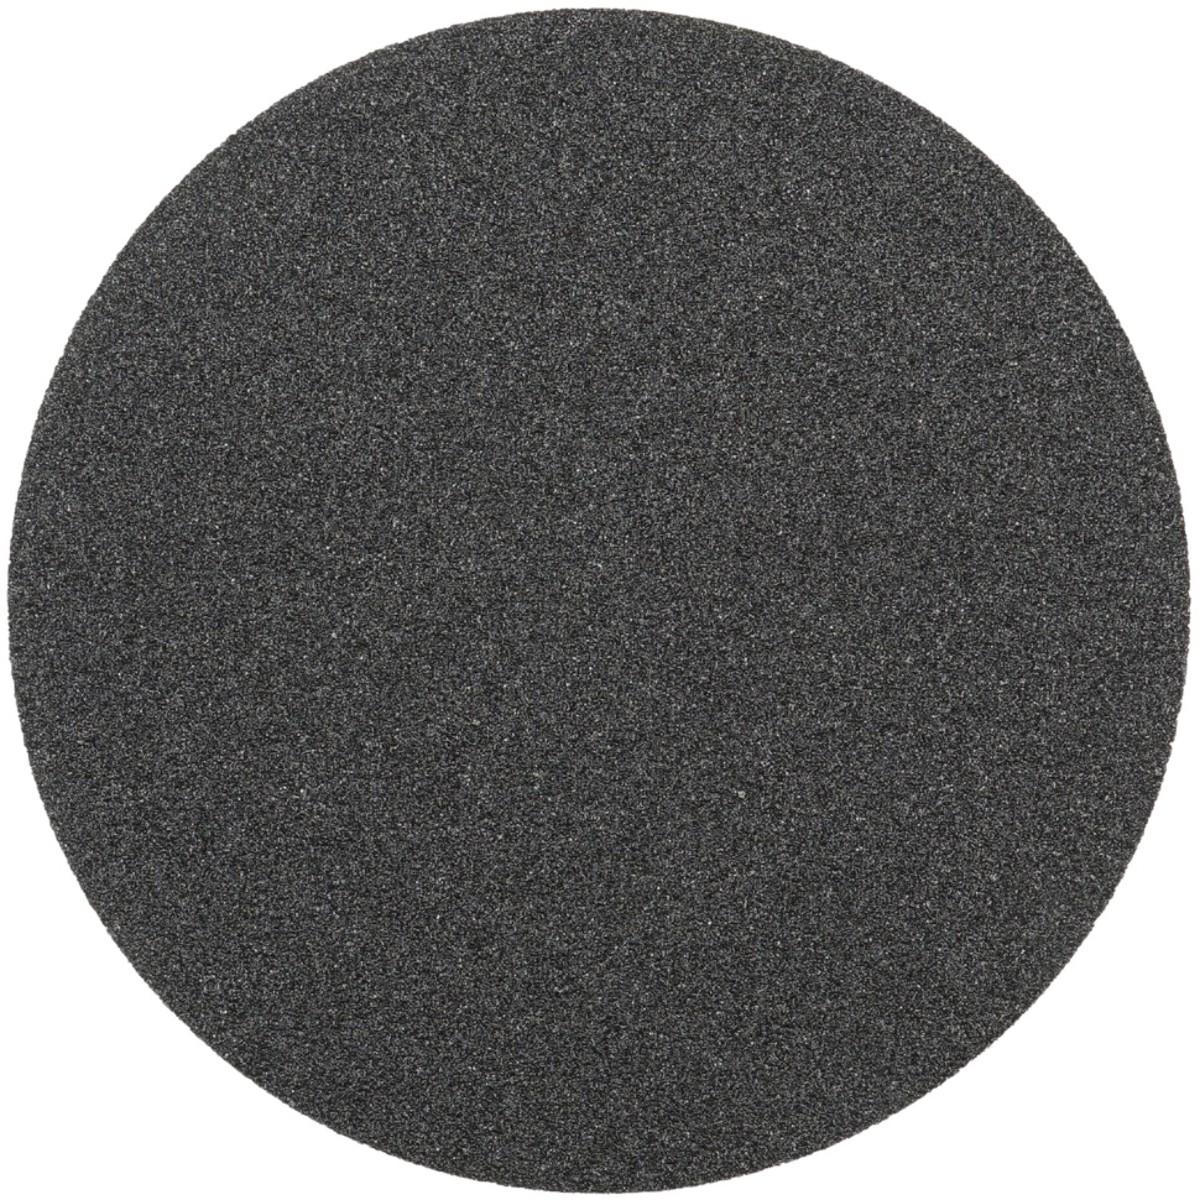 Шлифовальный круг самозацепляемый Klingspor PS 19 EK 200 мм P100 без отверстий 317807 50 шт